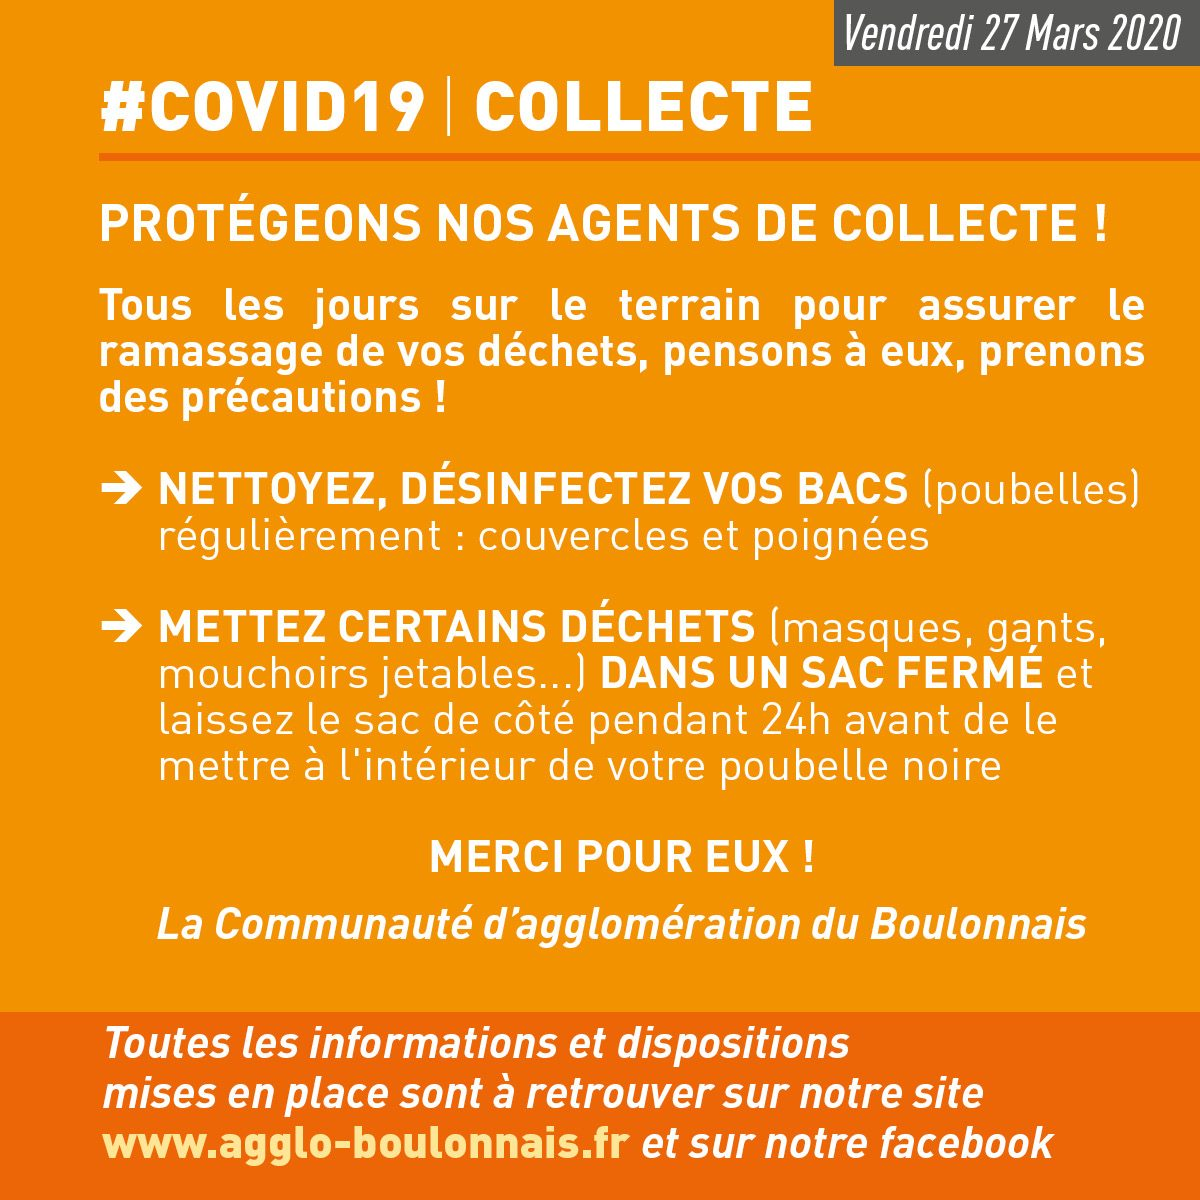 #COVID19 COLLECTE